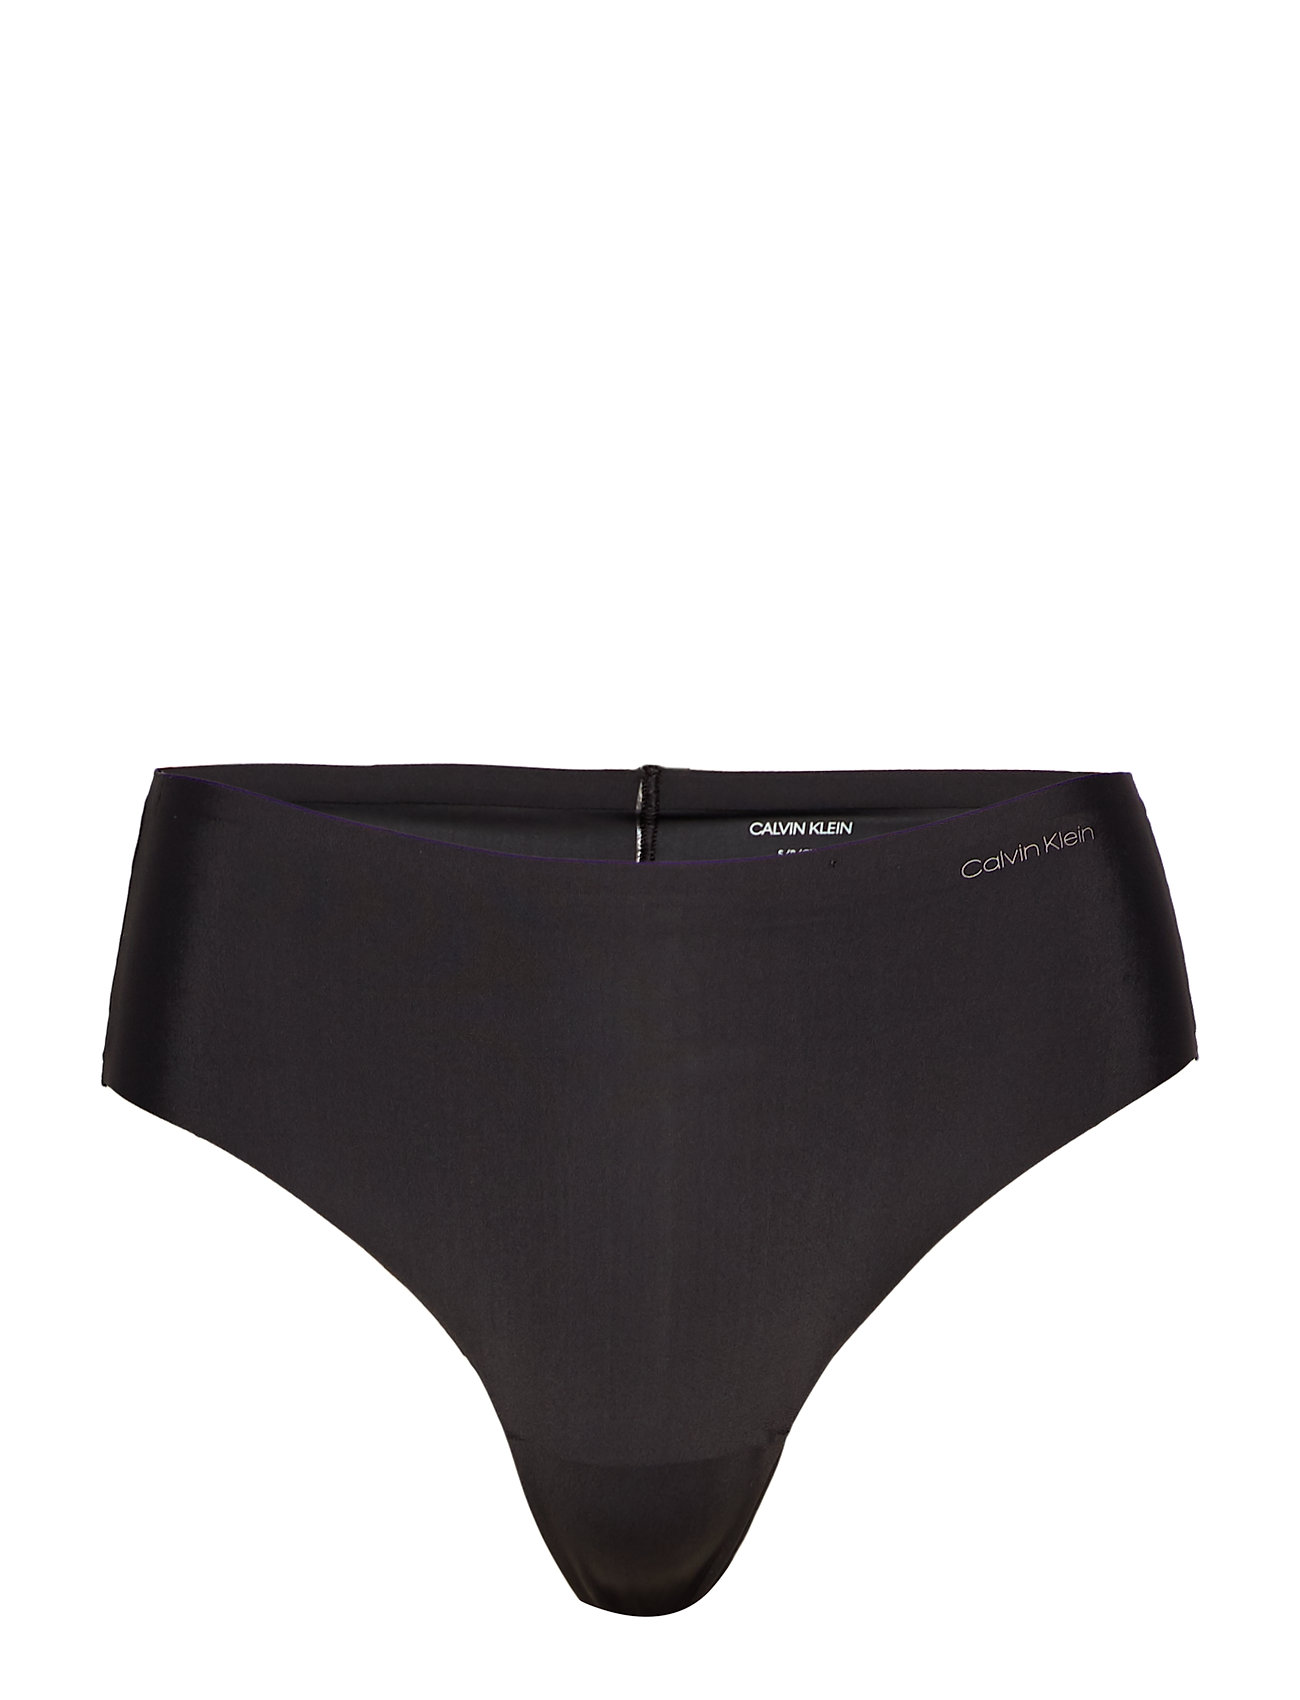 Calvin Klein HIGH WAIST THONG - BLACK